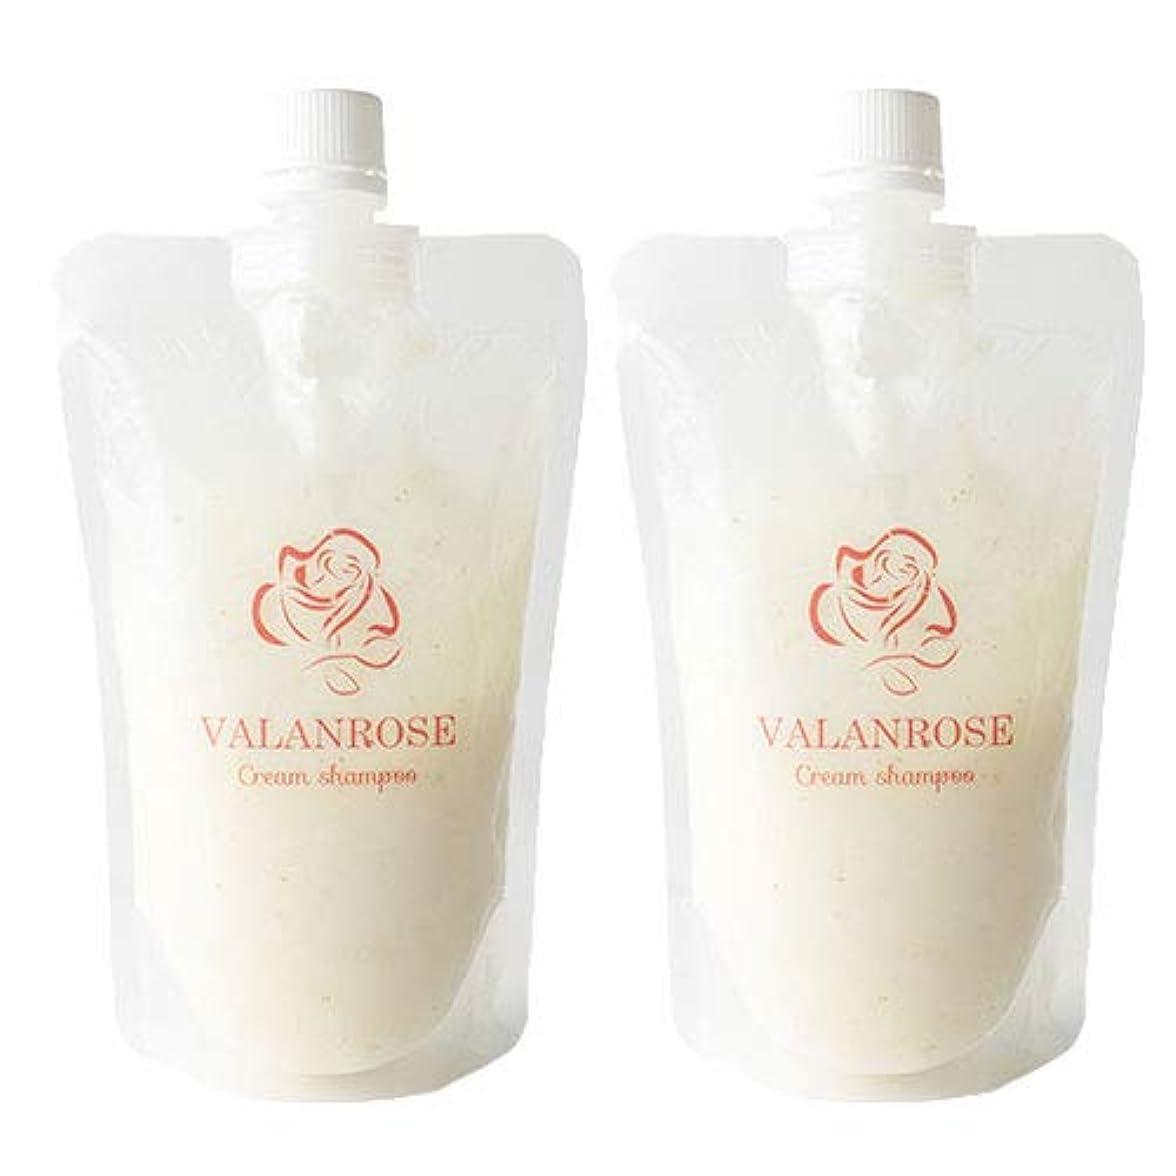 神話耕すフェードアウトバランローズ クリームシャンプー2個×1セット VALANROSE Cream shampoo/シャンプー クリームシャンプー 髪 ヘアケア